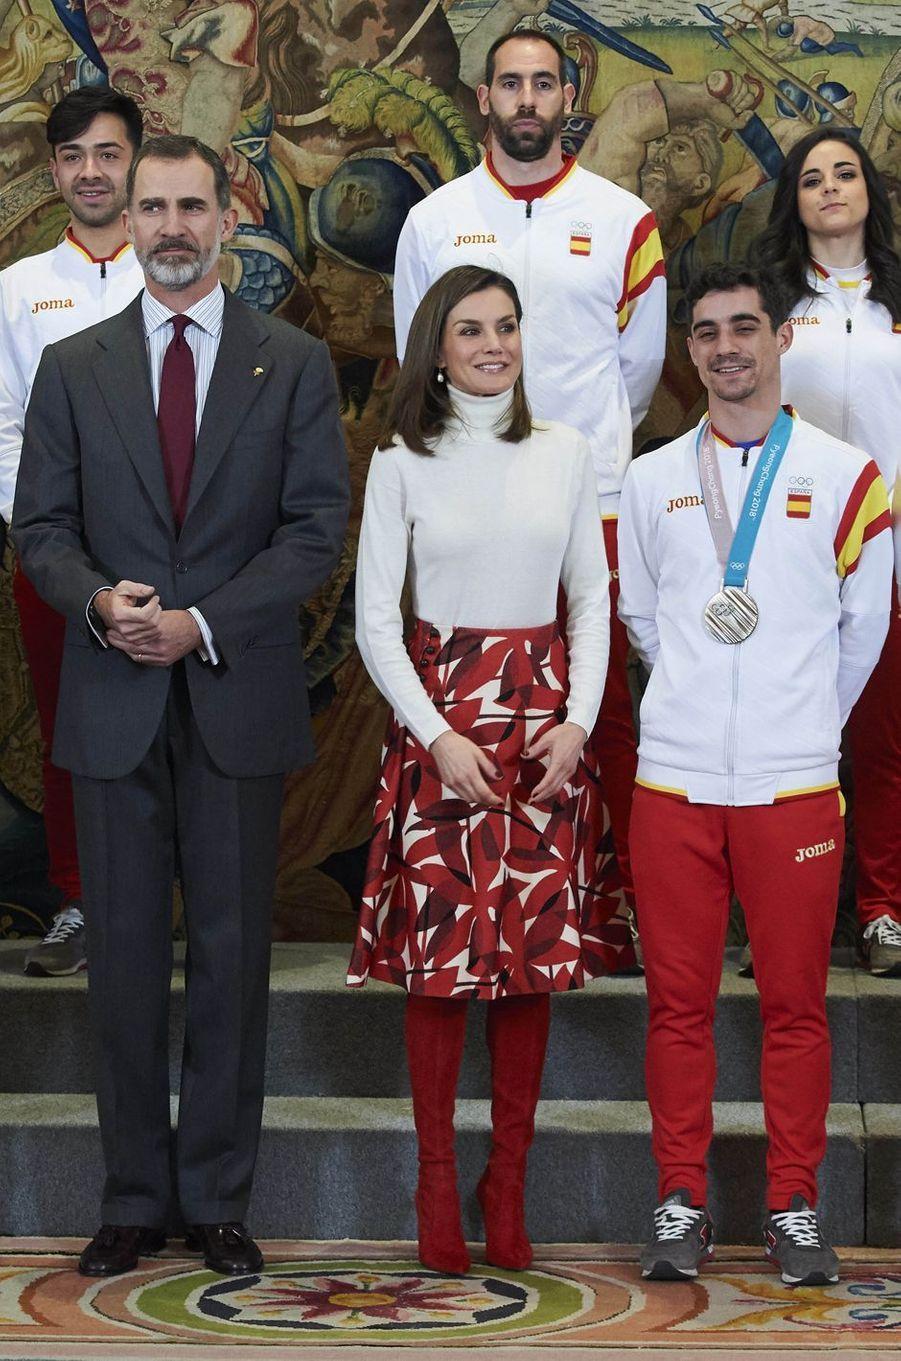 La reine Letizia et le roi Felipe VI d'Espagne à Madrid, le 6 mars 2018